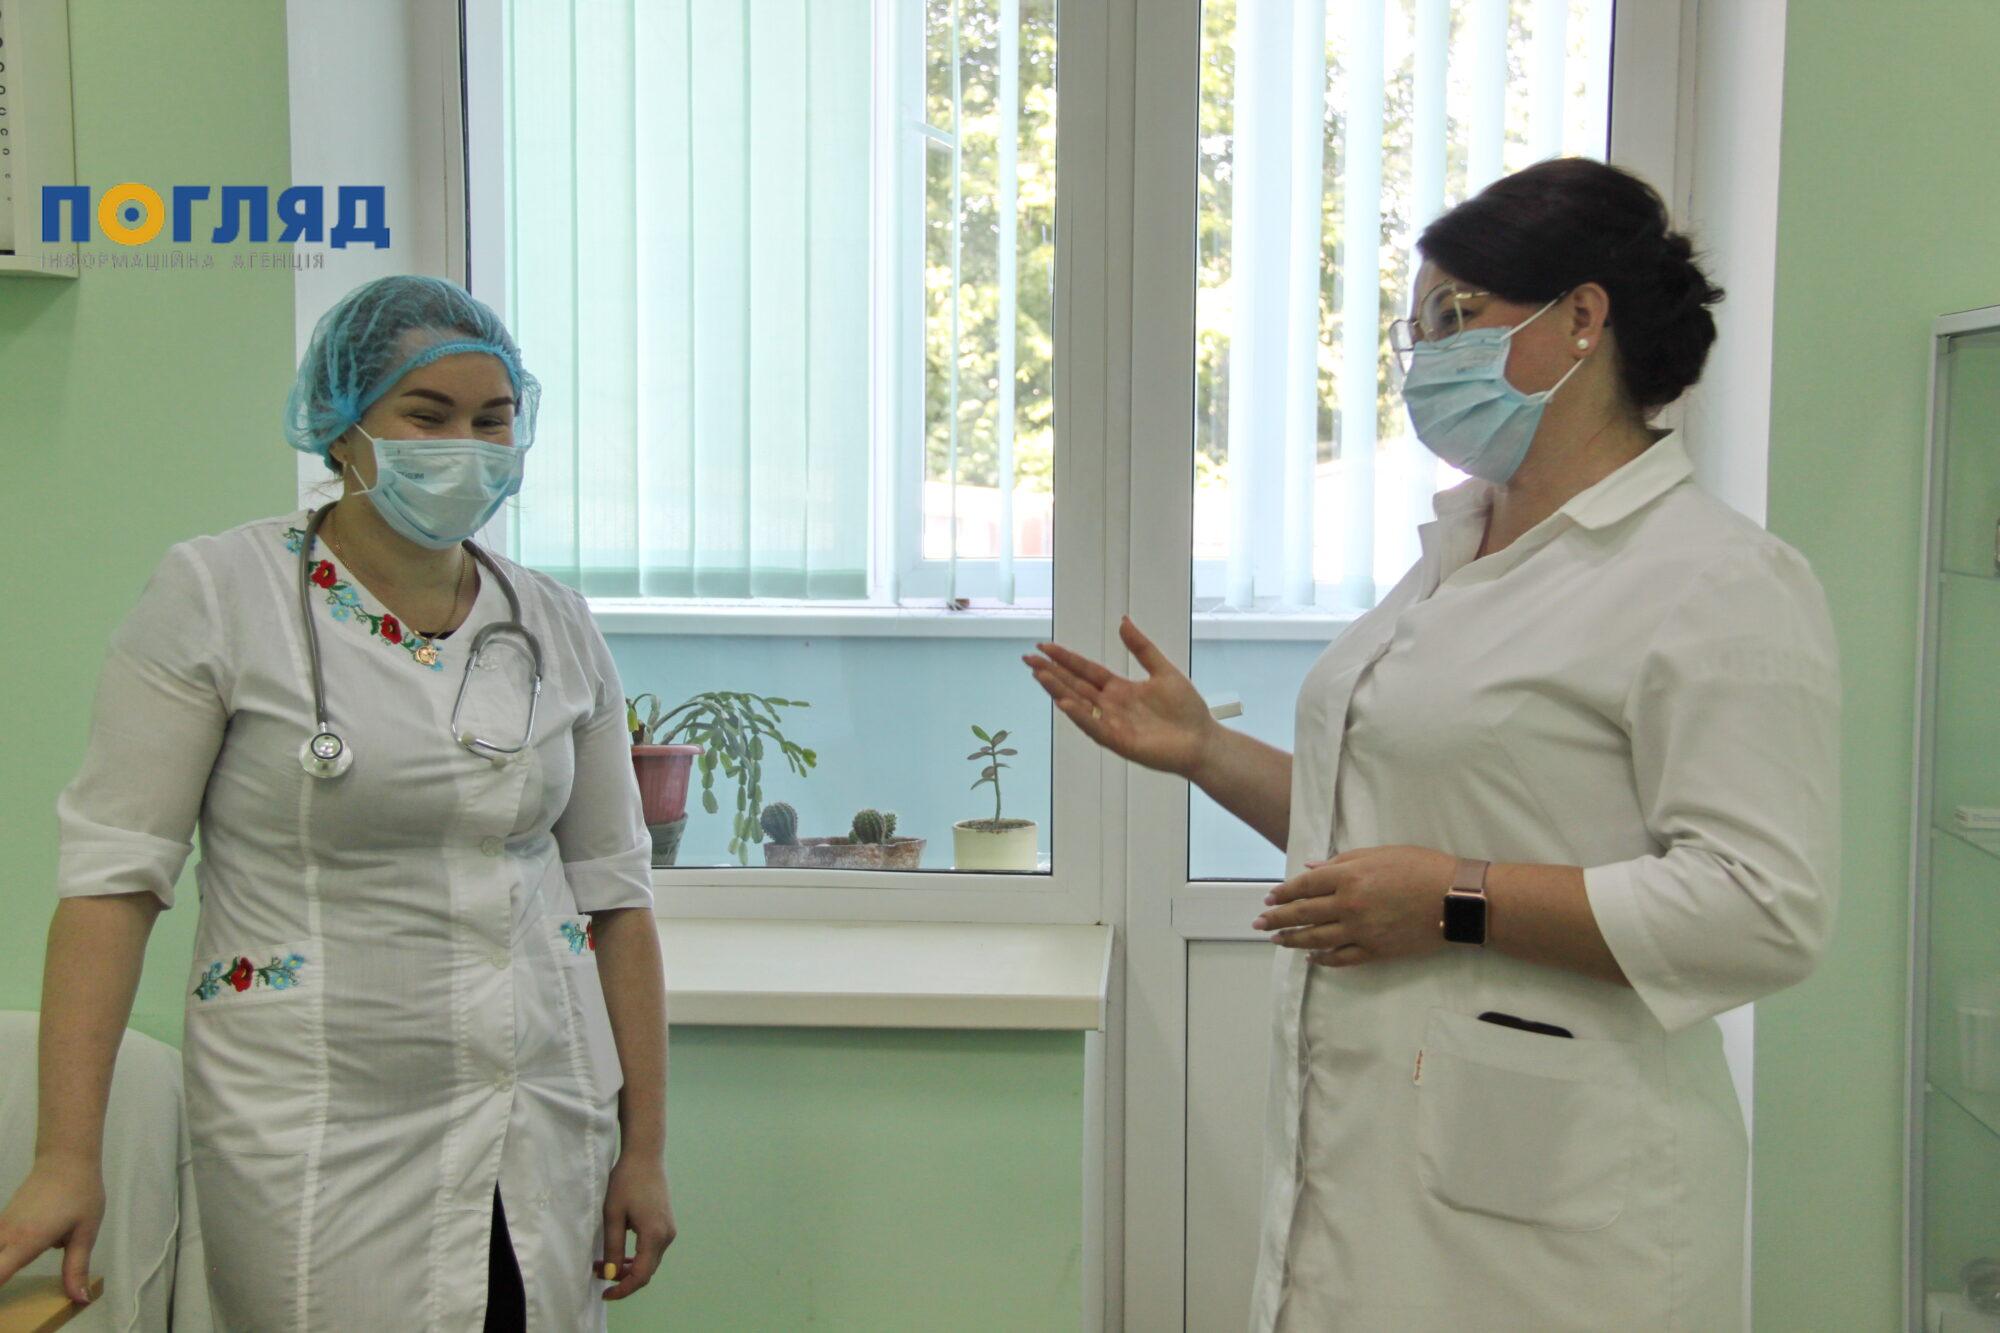 Коронавірус на Васильківщині: інтерв'ю з головним лікарем (частина І) - коронавірус - IMG 4957 2000x1333